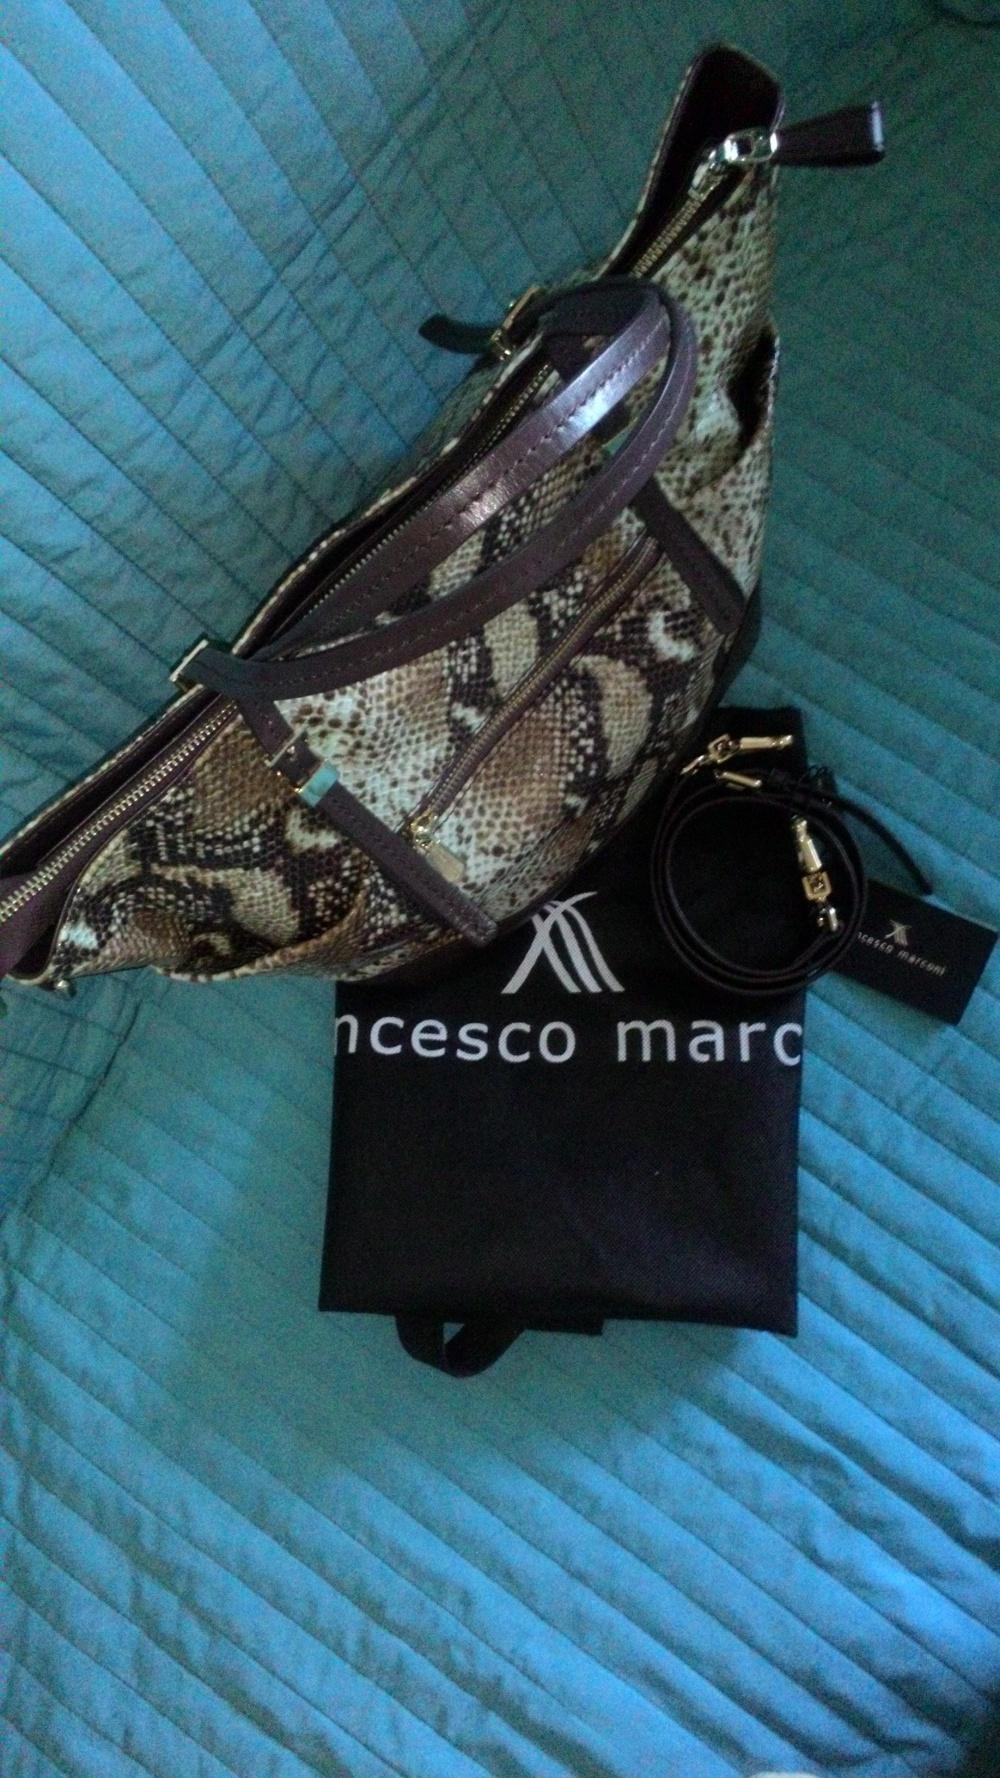 Сумка кожаная Francesco Marconi (Италия)